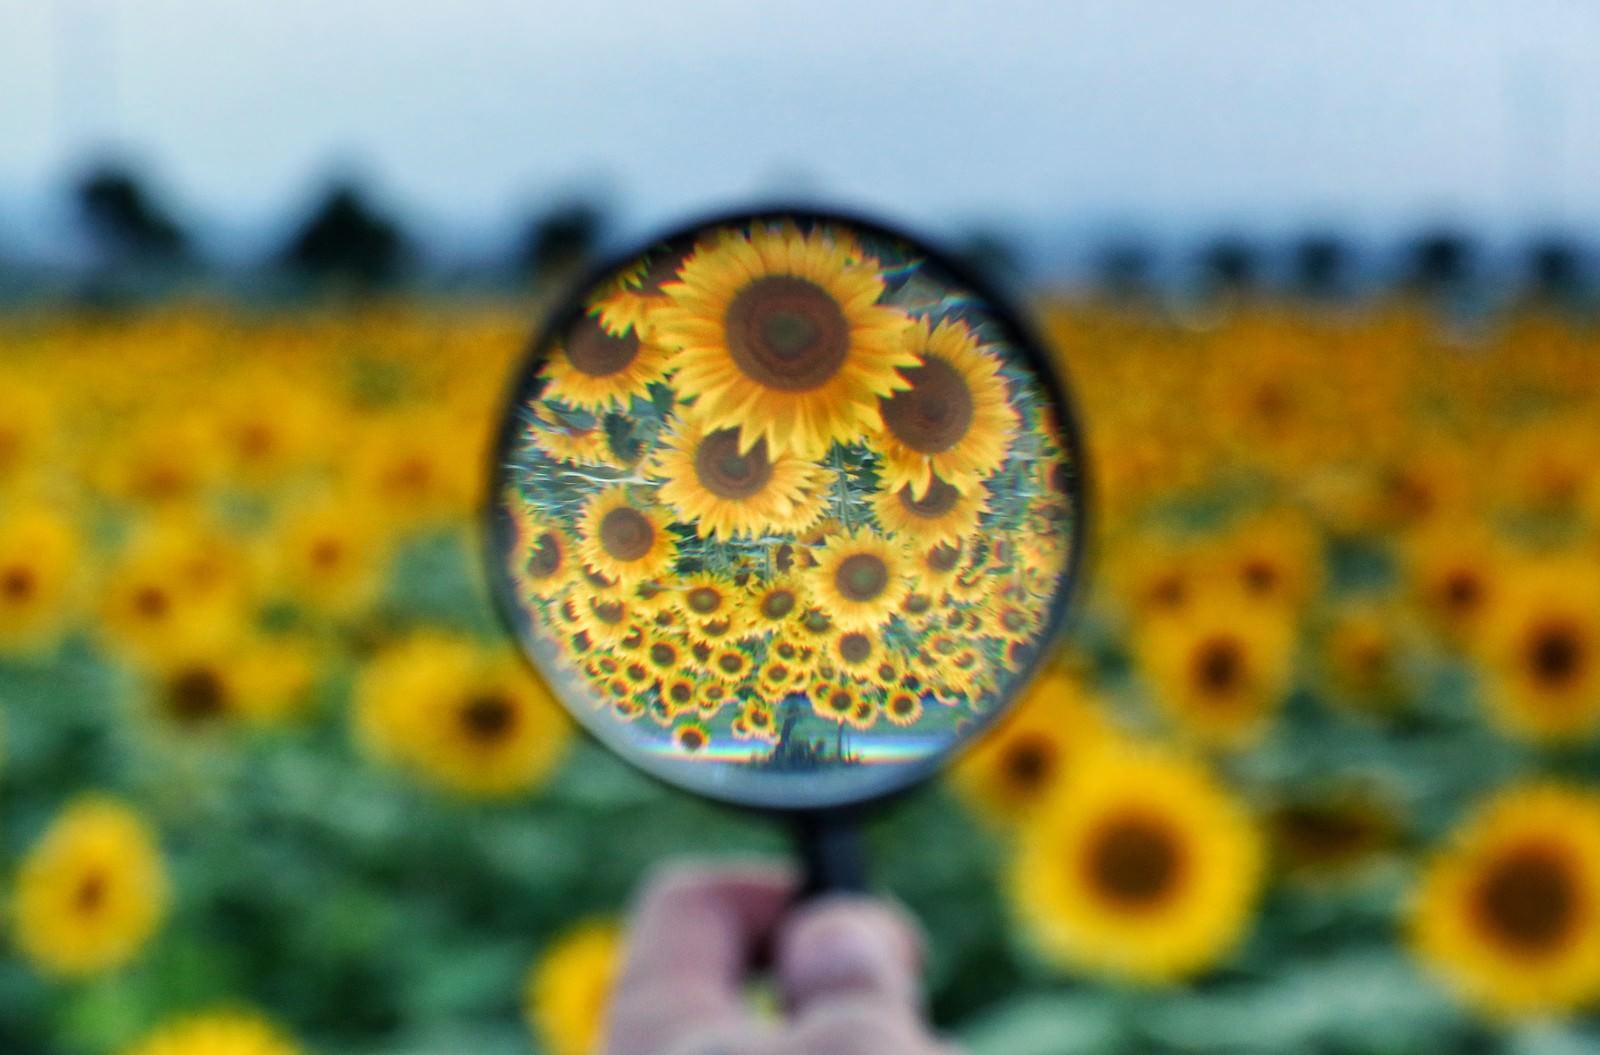 「ひまわり畑を覗く虫メガネの斬新な使用方法」の写真